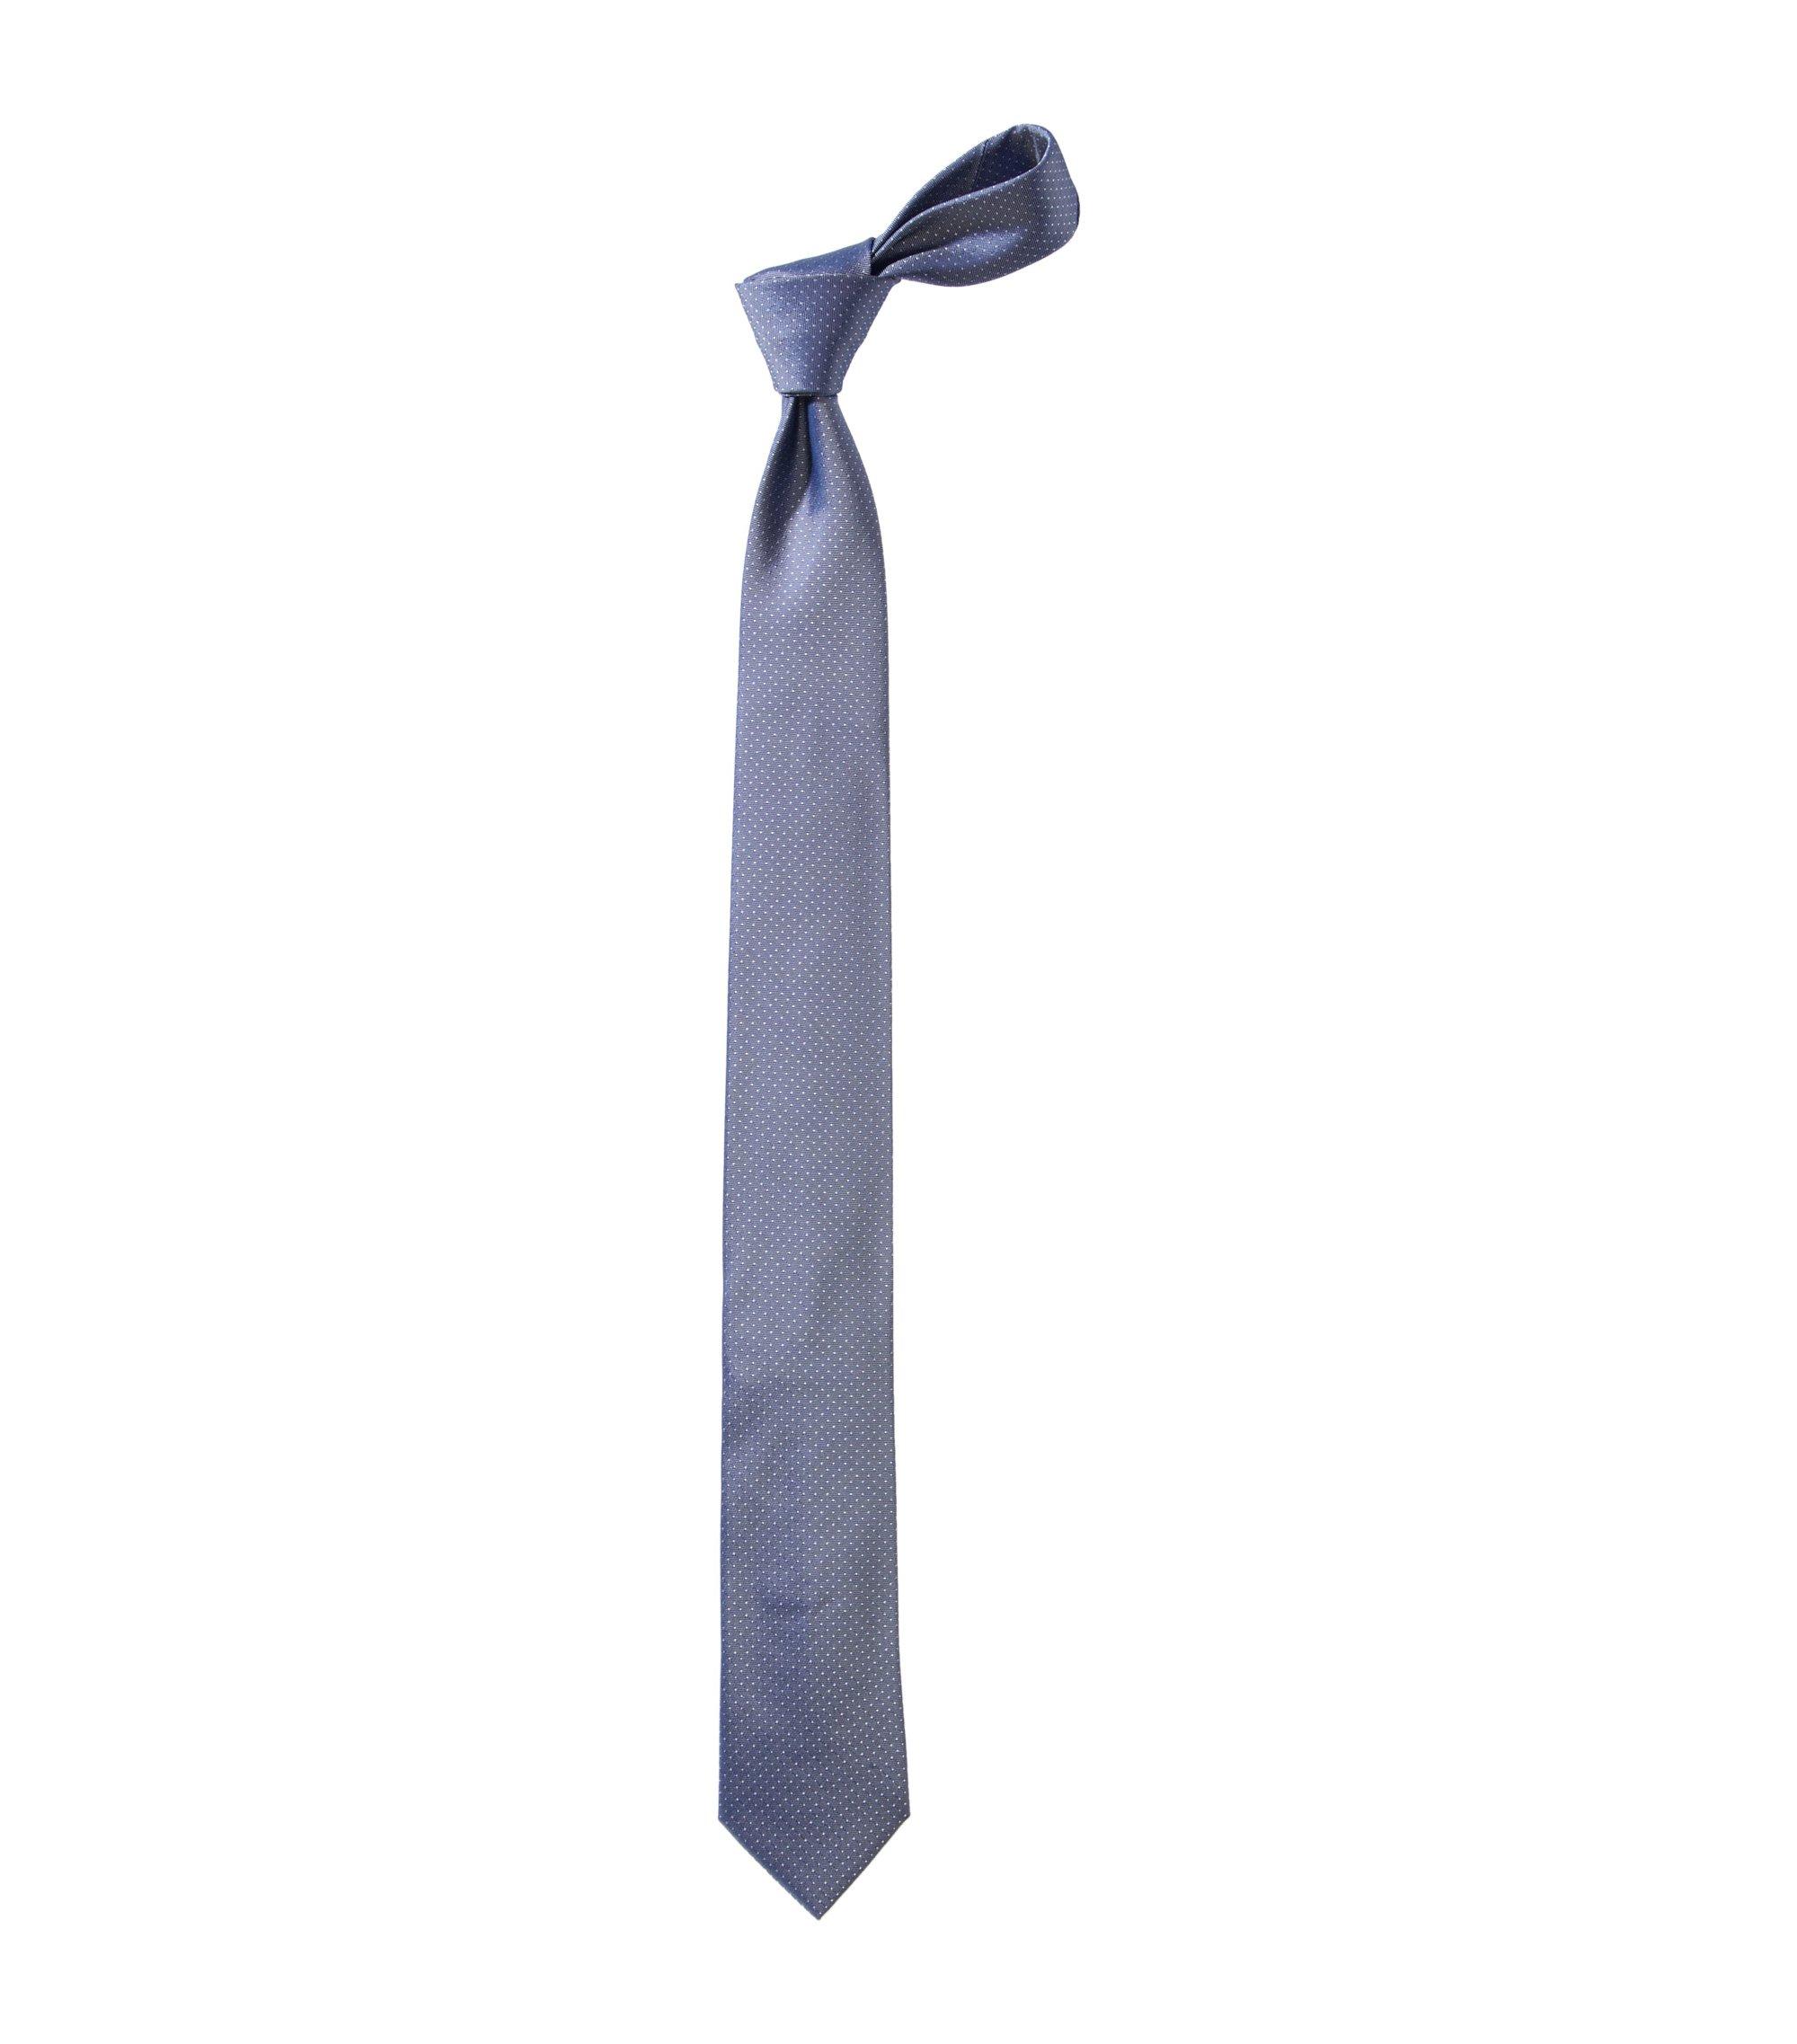 Cravate à carreaux, Tie 6 cm, Bleu foncé